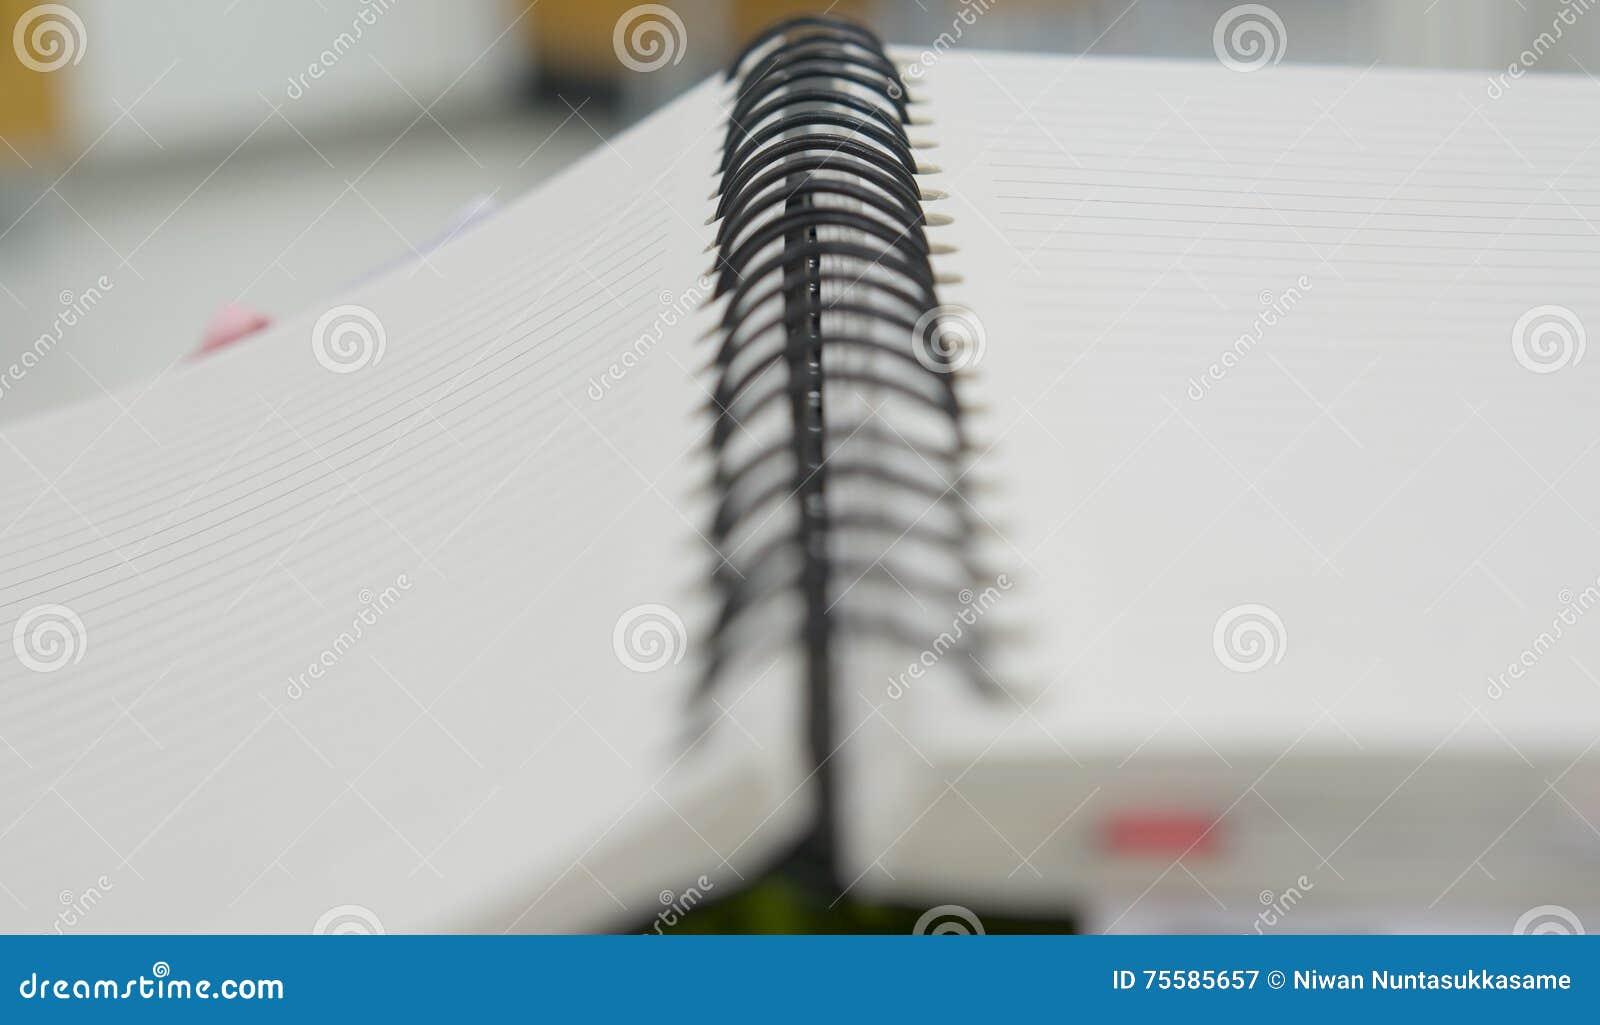 Öffnen Sie sich vom Mappennotizbuch